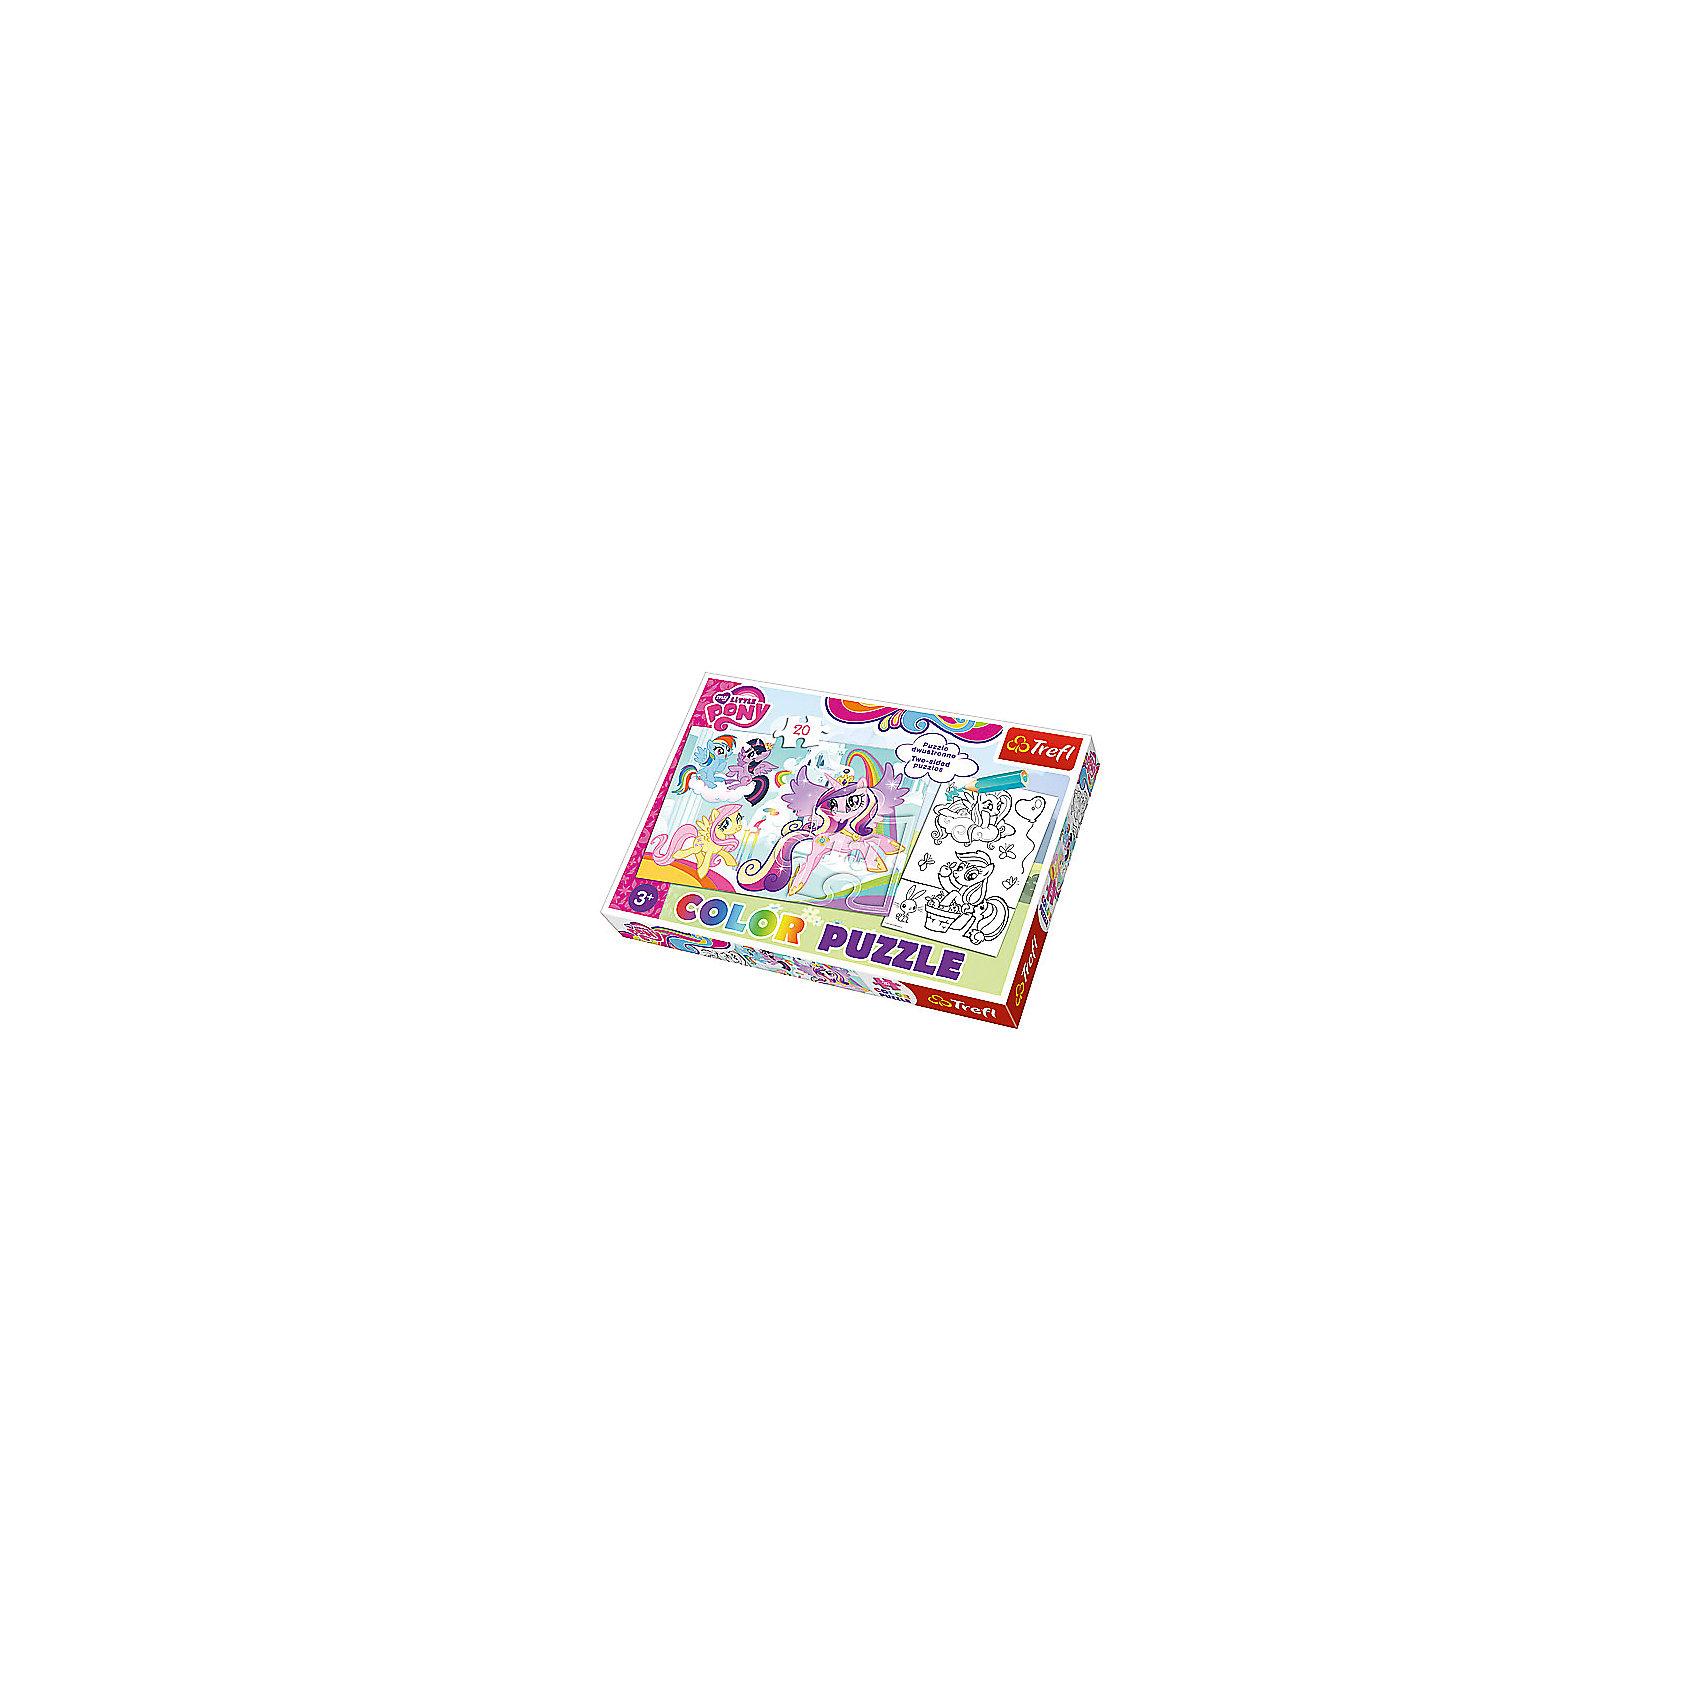 Пазл Колор «Мой маленький пони», 20 деталей, TreflКлассические пазлы<br>Характеристики товара:<br><br>• возраст от 3 лет;<br>• материал: картон;<br>• в наборе: 20 элементов;<br>• размер пазла 41х27,5 см;<br>• размер упаковки 33,5х23х4 см см;<br>• вес упаковки 200 гр.;<br>• страна производитель Польша.<br><br>Пазл Колор «Мой маленький пони» Trefl создан по мотивам известного мультсериала и обязательно понравится его поклоннице. Это необычный пазл, с одной стороны которого готовая картинка с персонажами, а с другой та же картинка, только ее надо раскрасить. Такое занятие увлечет девочку и позволит ей проявить свои творческие способности и фантазию.<br><br>Пазл Колор «Мой маленький пони» Trefl можно приобрести в нашем интернет-магазине.<br><br>Ширина мм: 350<br>Глубина мм: 470<br>Высота мм: 230<br>Вес г: 200<br>Возраст от месяцев: 36<br>Возраст до месяцев: 2147483647<br>Пол: Унисекс<br>Возраст: Детский<br>SKU: 5578470